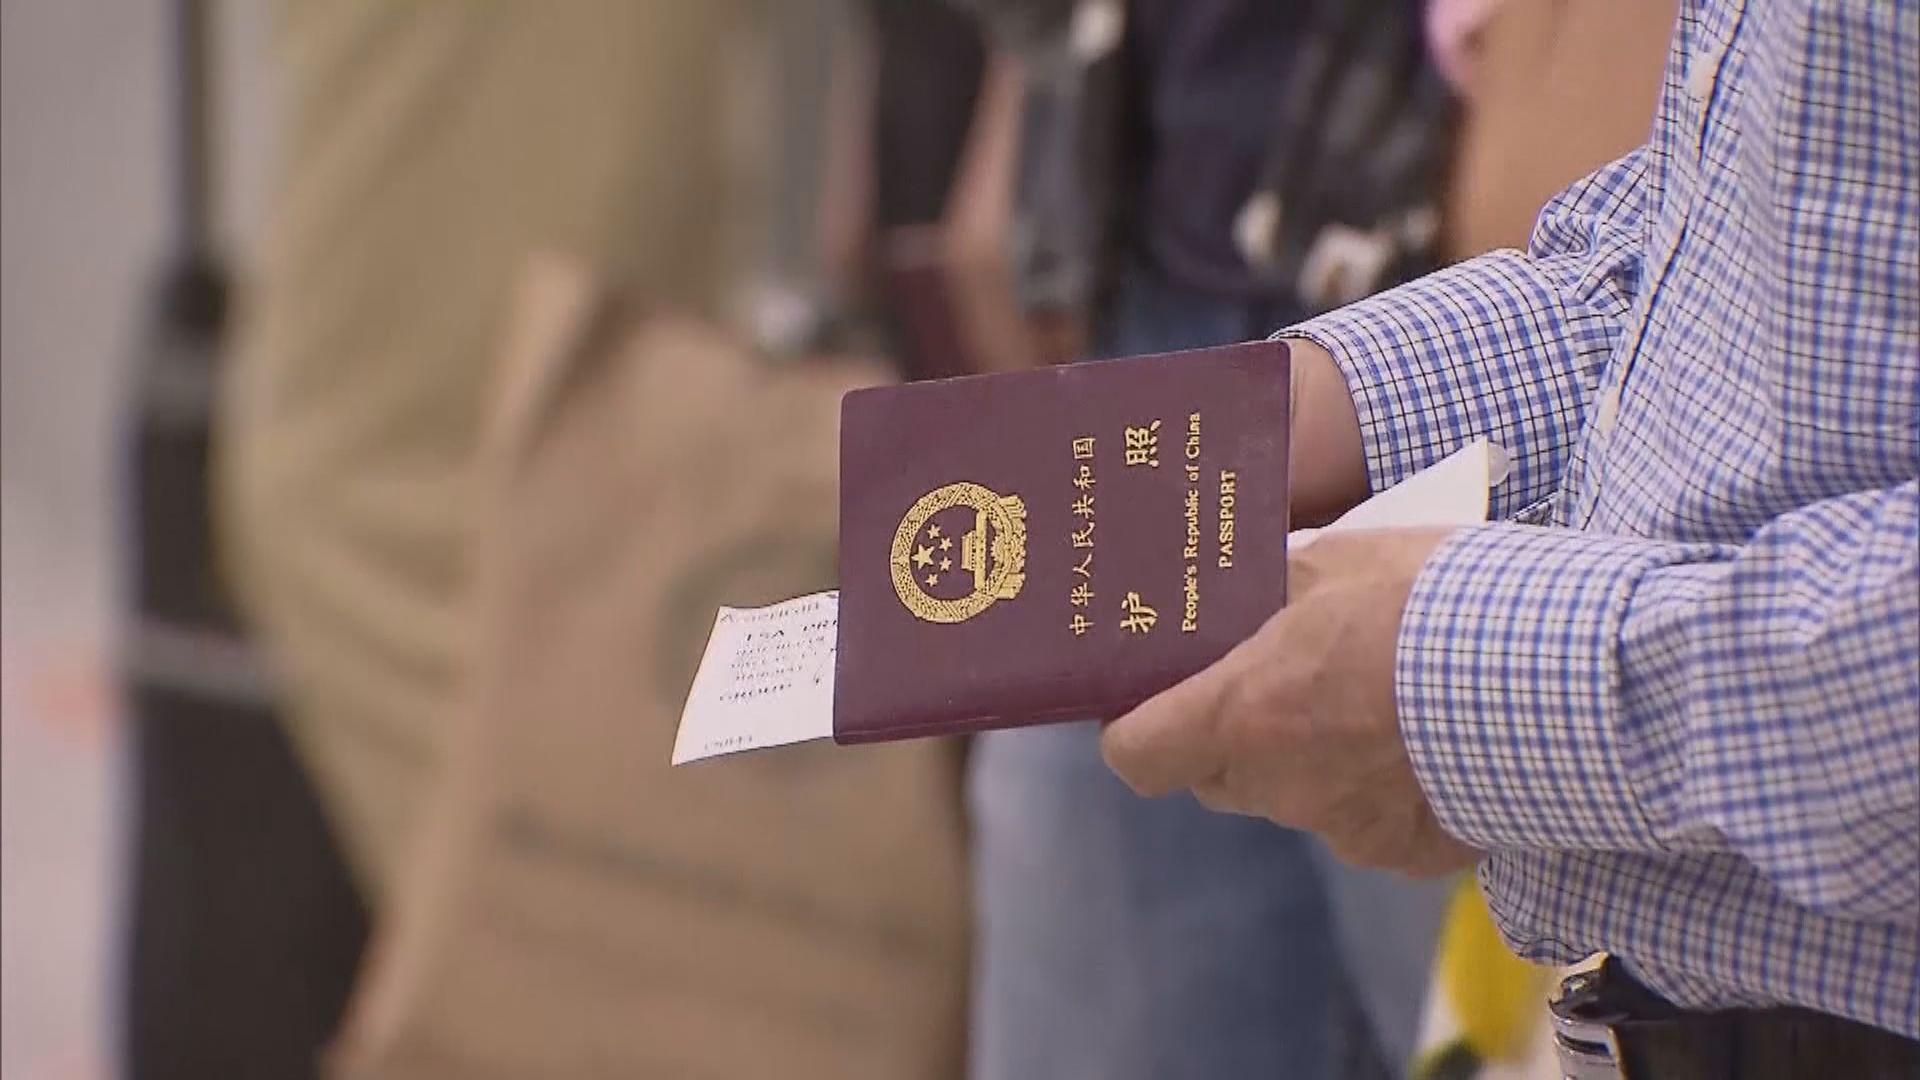 美限制中共黨員及家屬赴美旅遊 中方批措施不符美自身利益